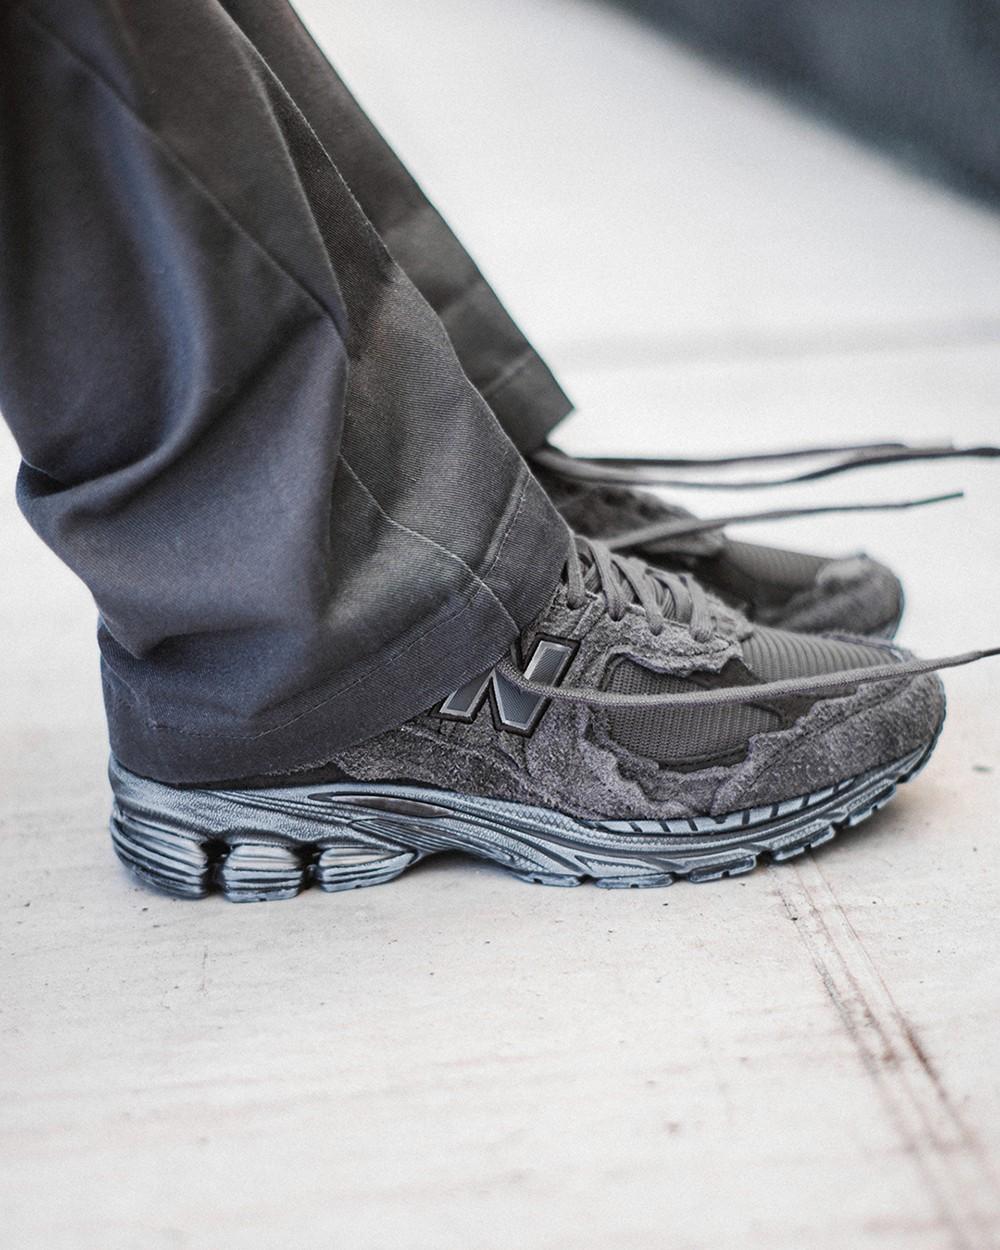 New Balance,2002R,Rain Cloud,P  今年最火鞋型之一!「不规则剪裁」2002R 质感粗犷又细腻!